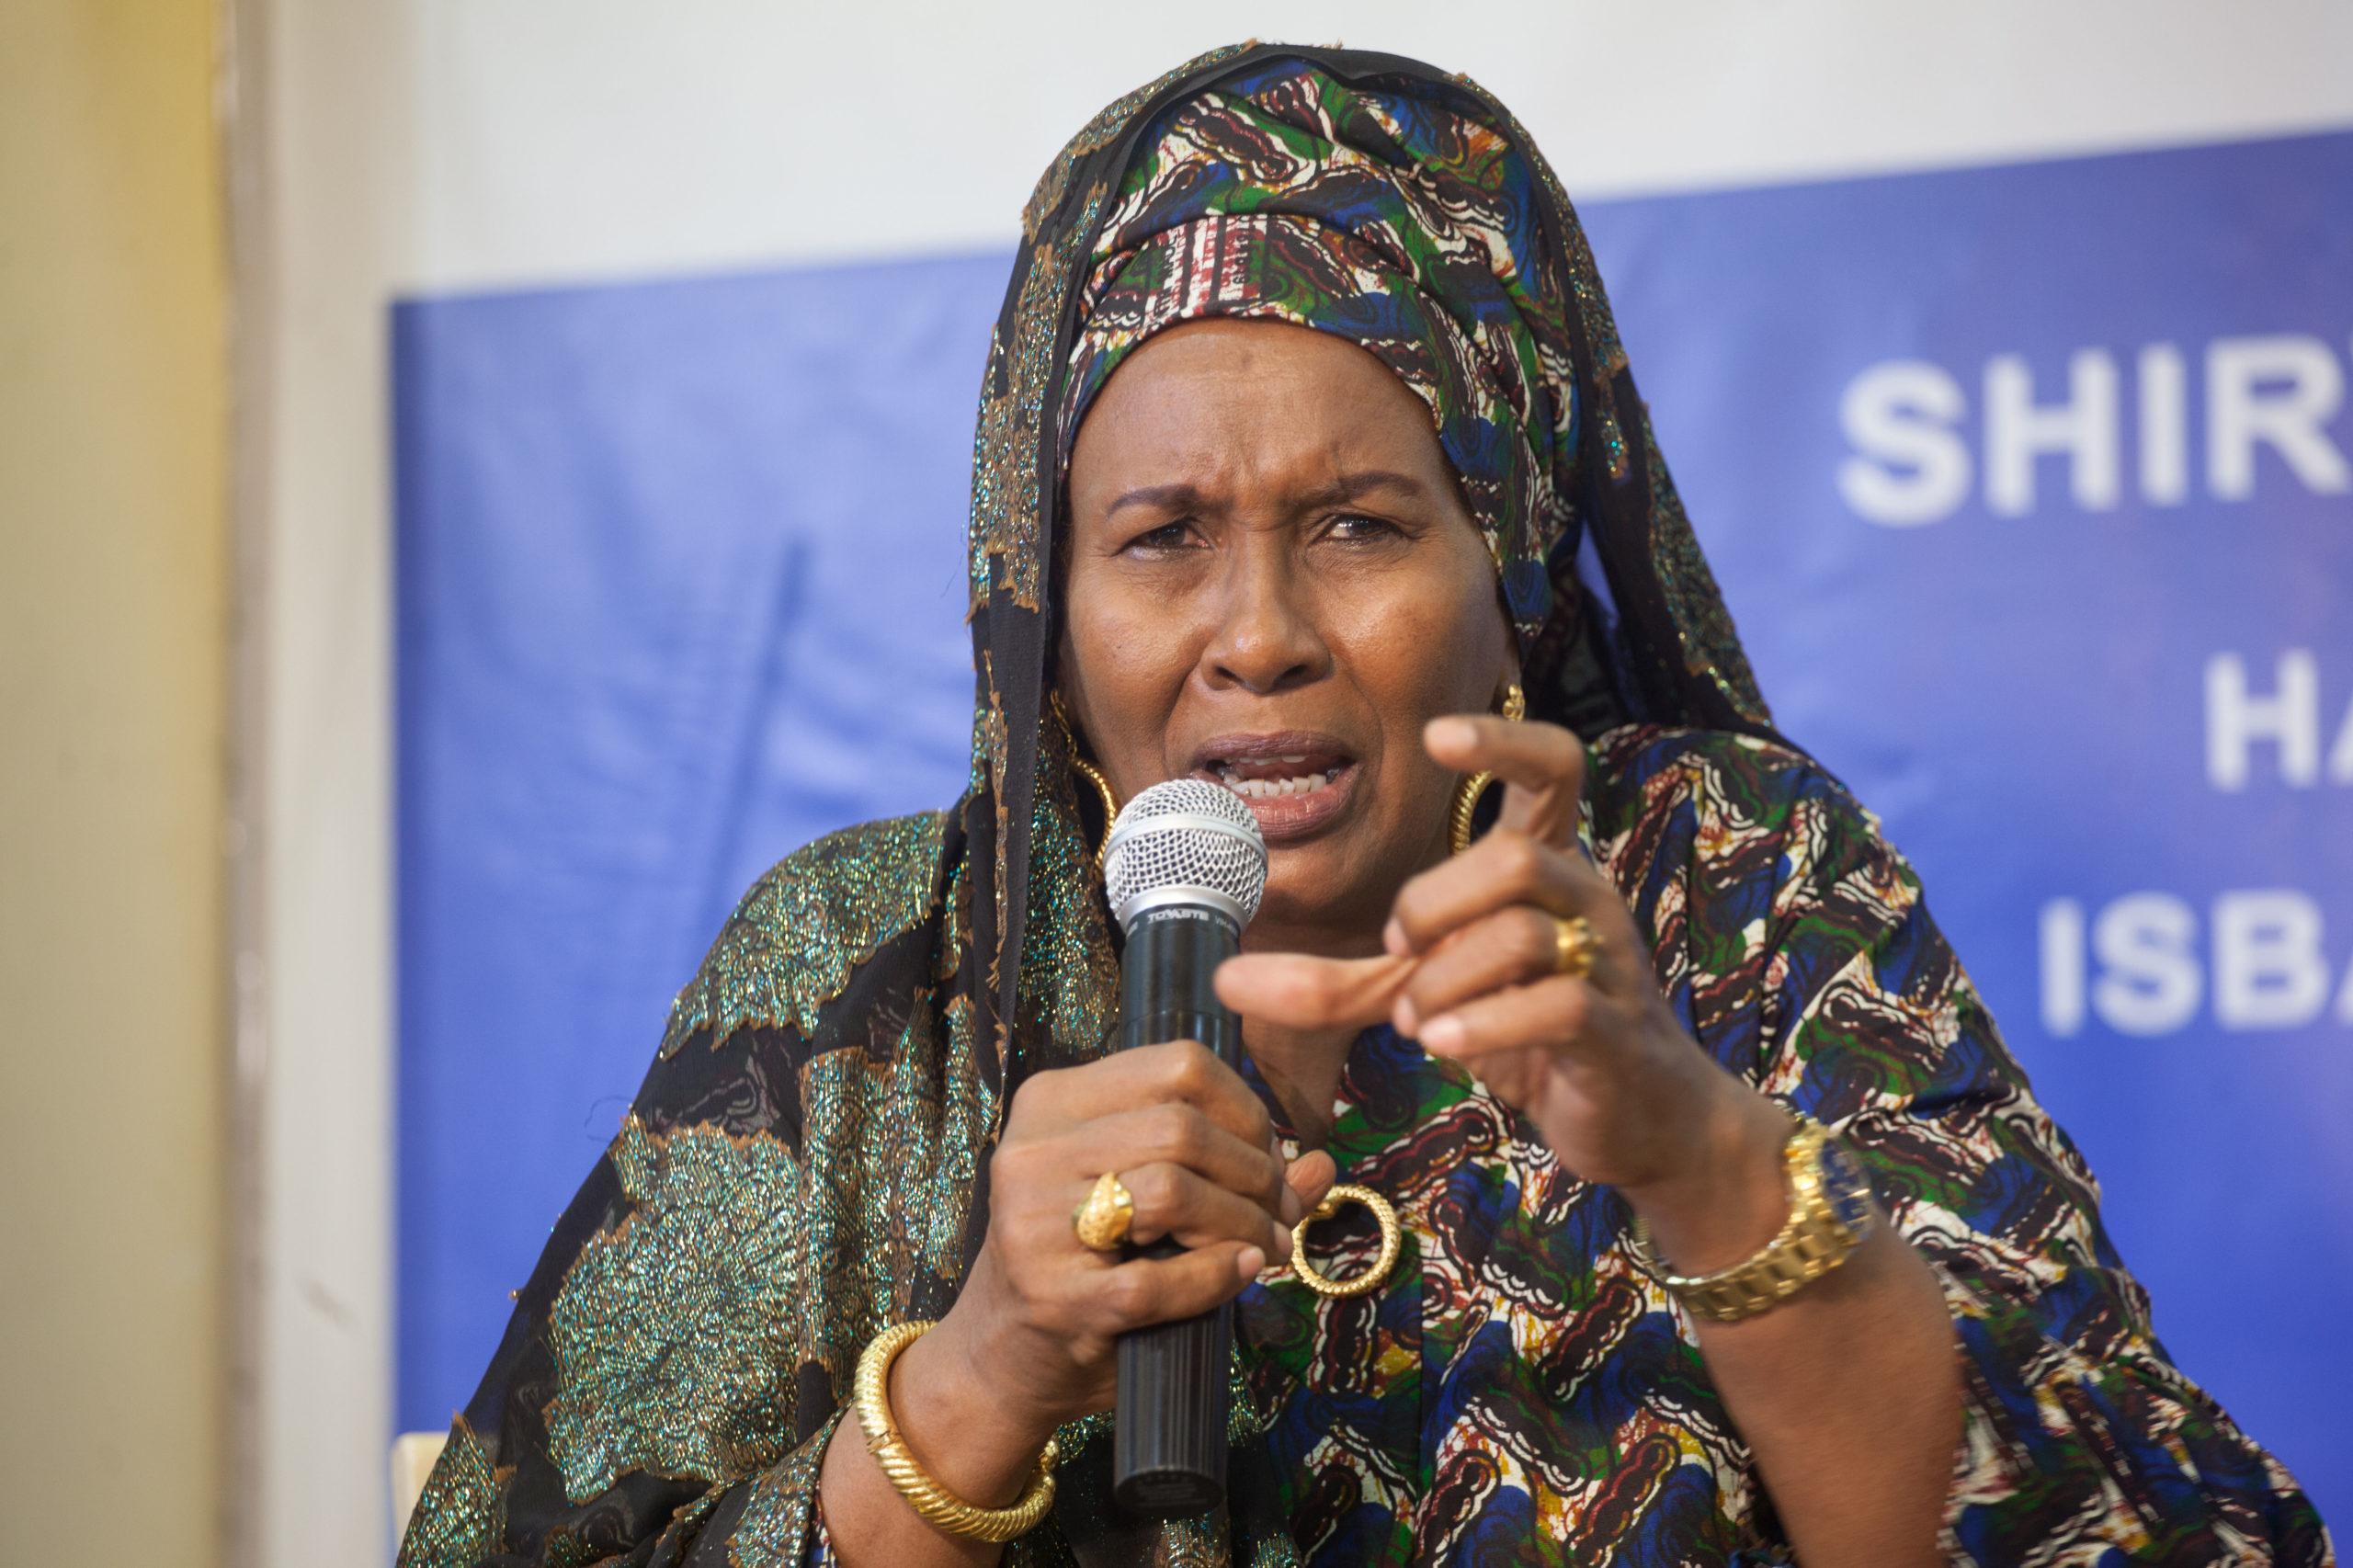 Somali Female Member of Parliament